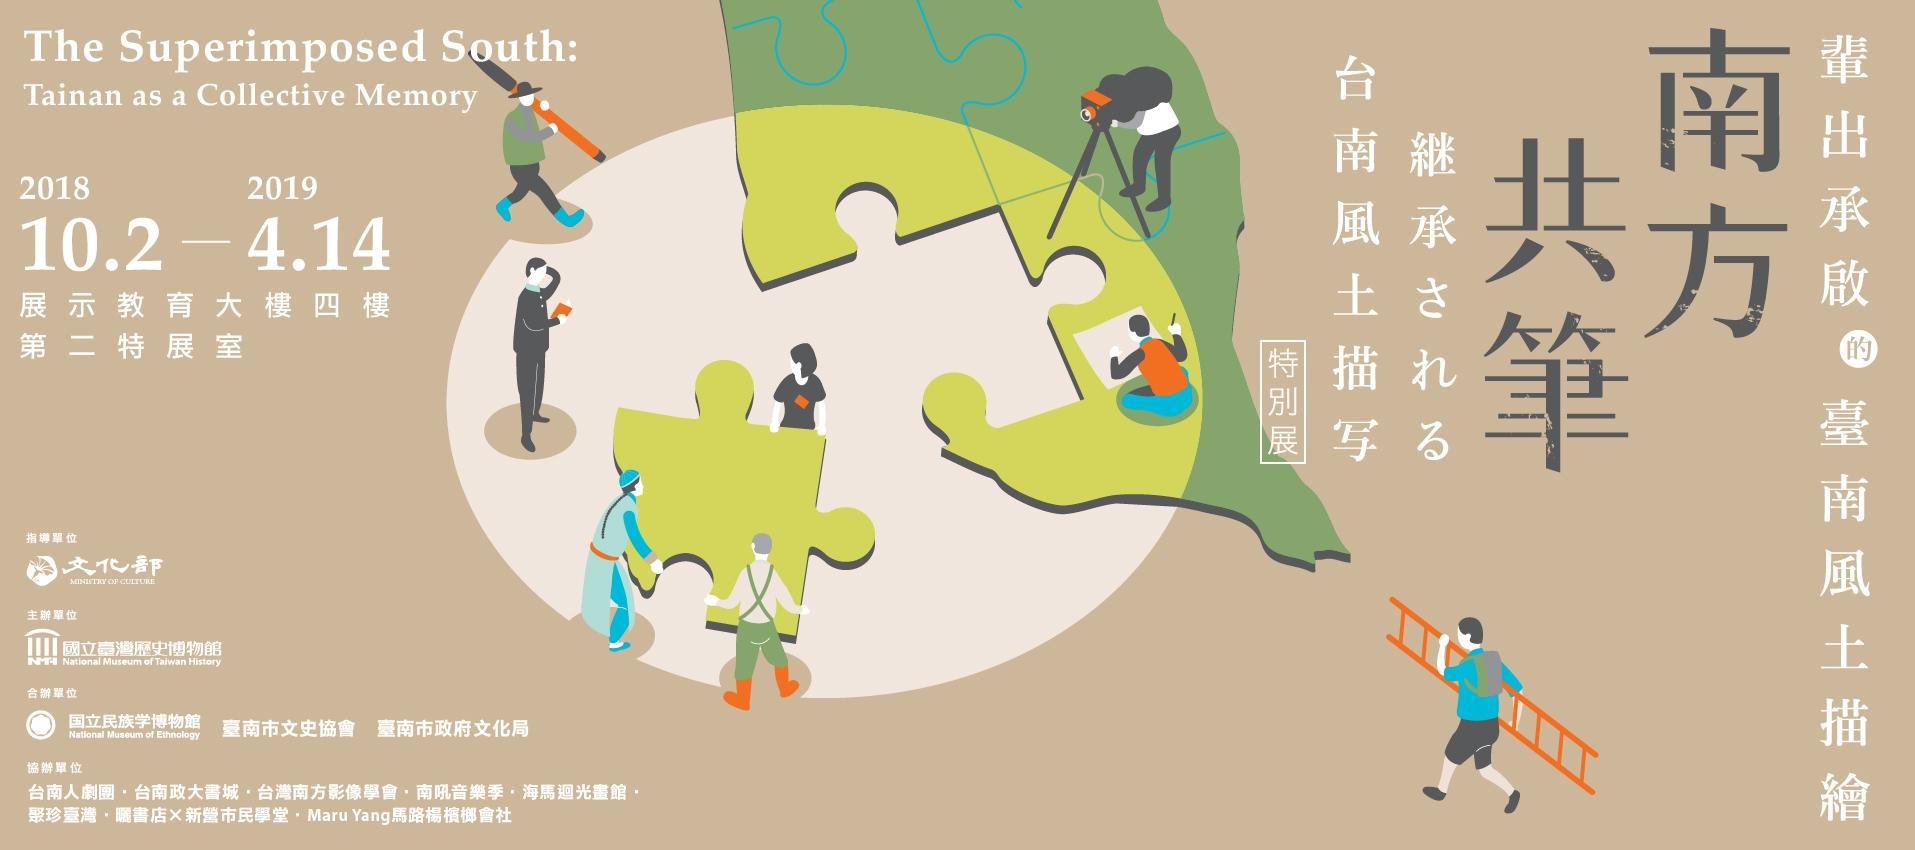 南方共筆:輩出承啟的臺南風土描繪特展